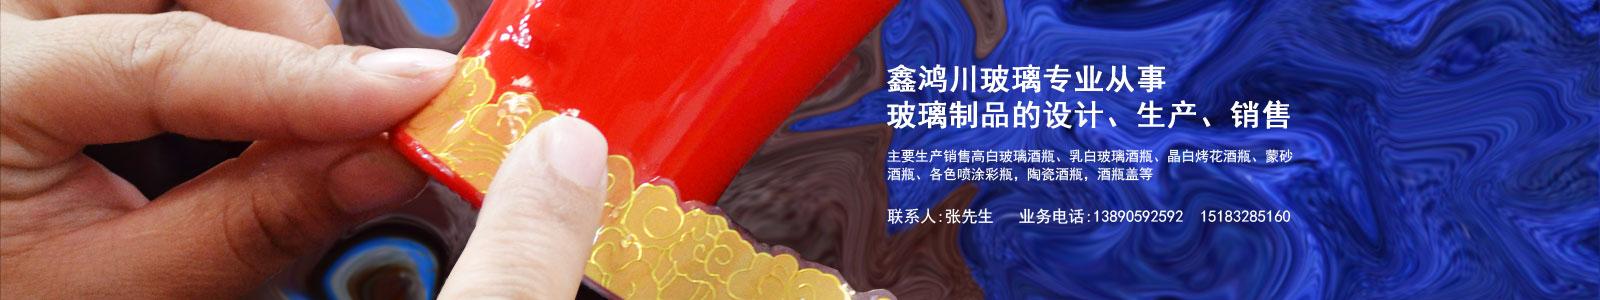 鑫鸿川玻璃制品